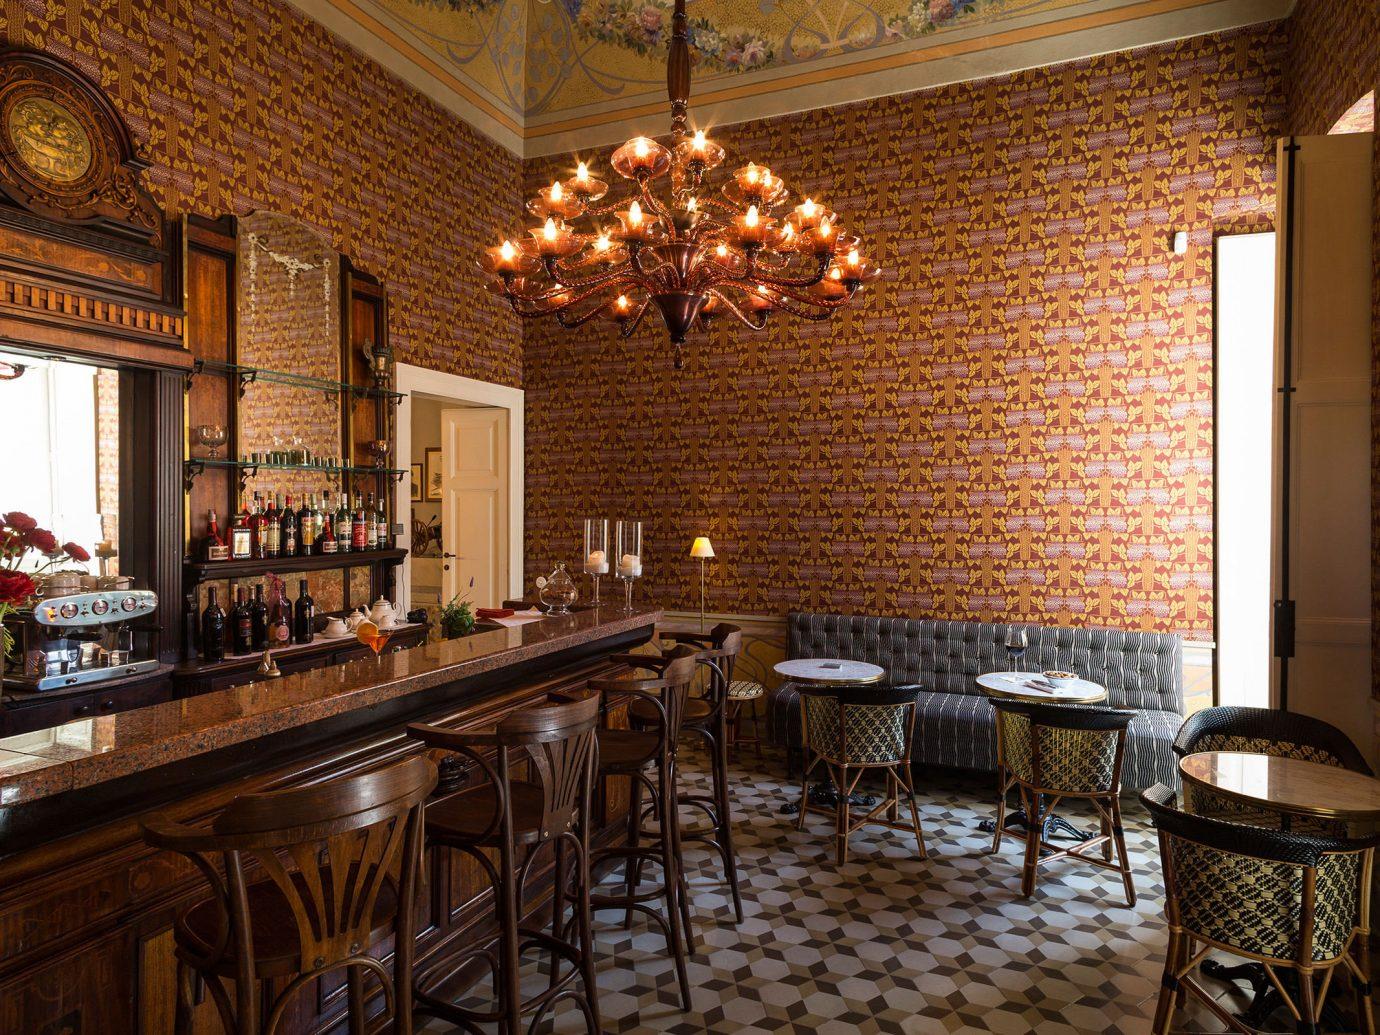 Jetsetter Guides indoor room property dining room estate restaurant interior design home real estate cottage Bar farmhouse furniture